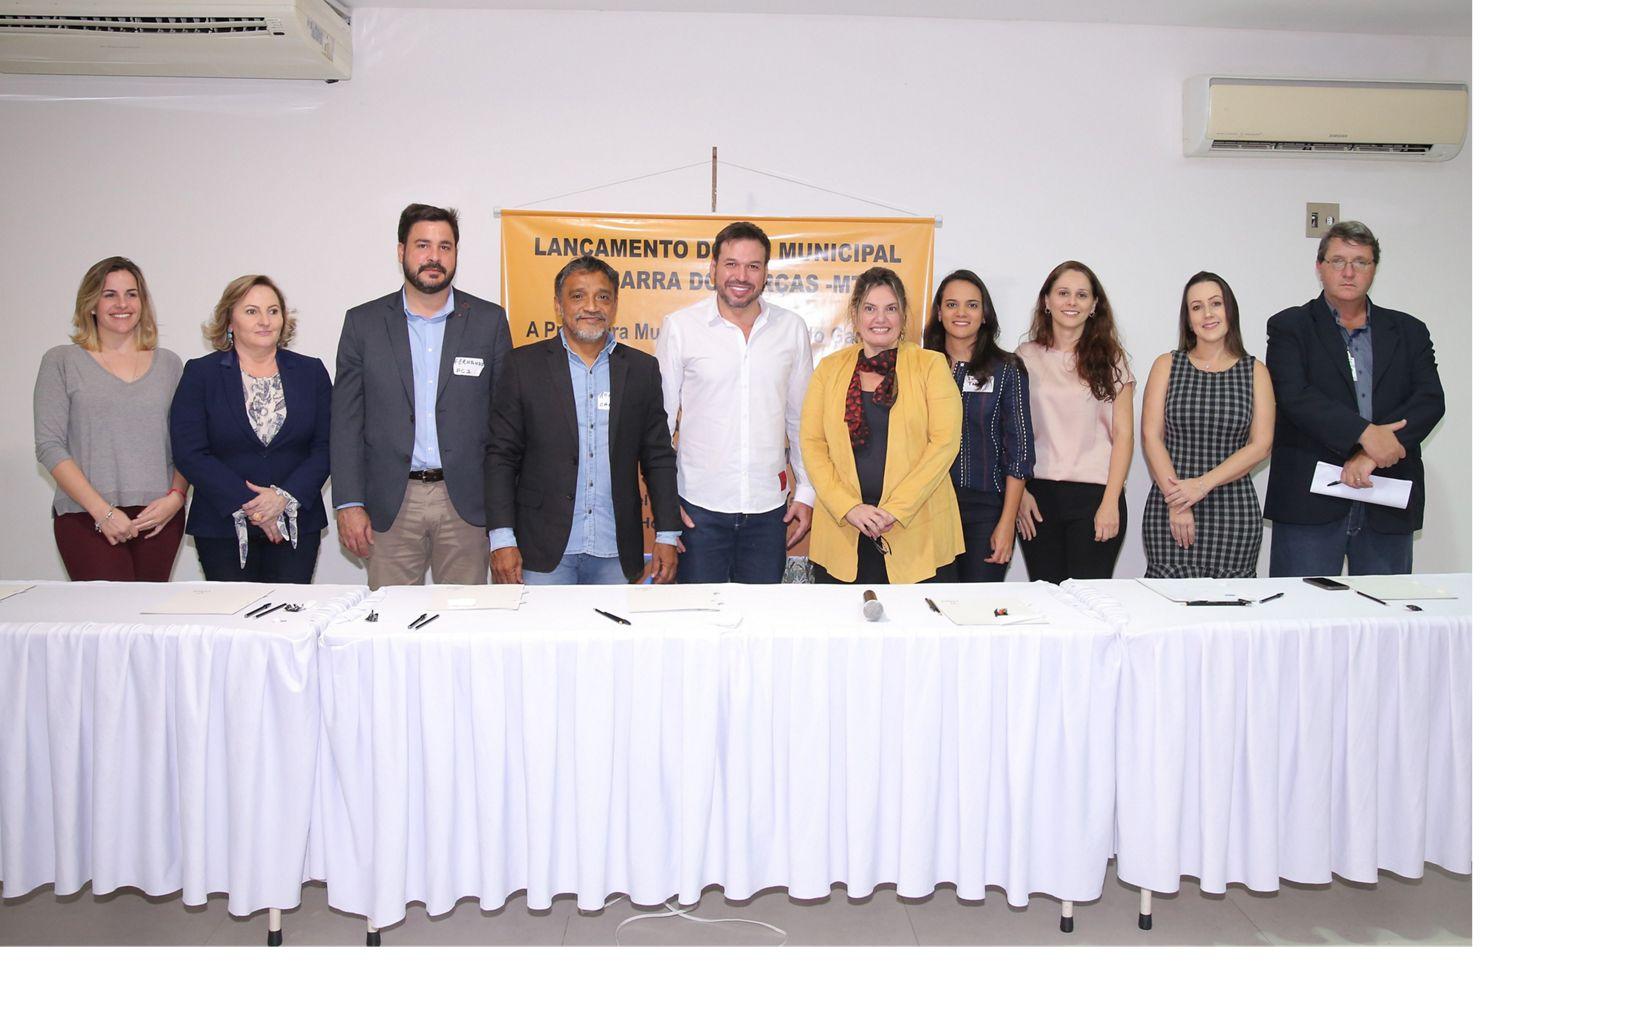 Representantes de orgãos governamentais e instituições parceiras no evento de assinatura.